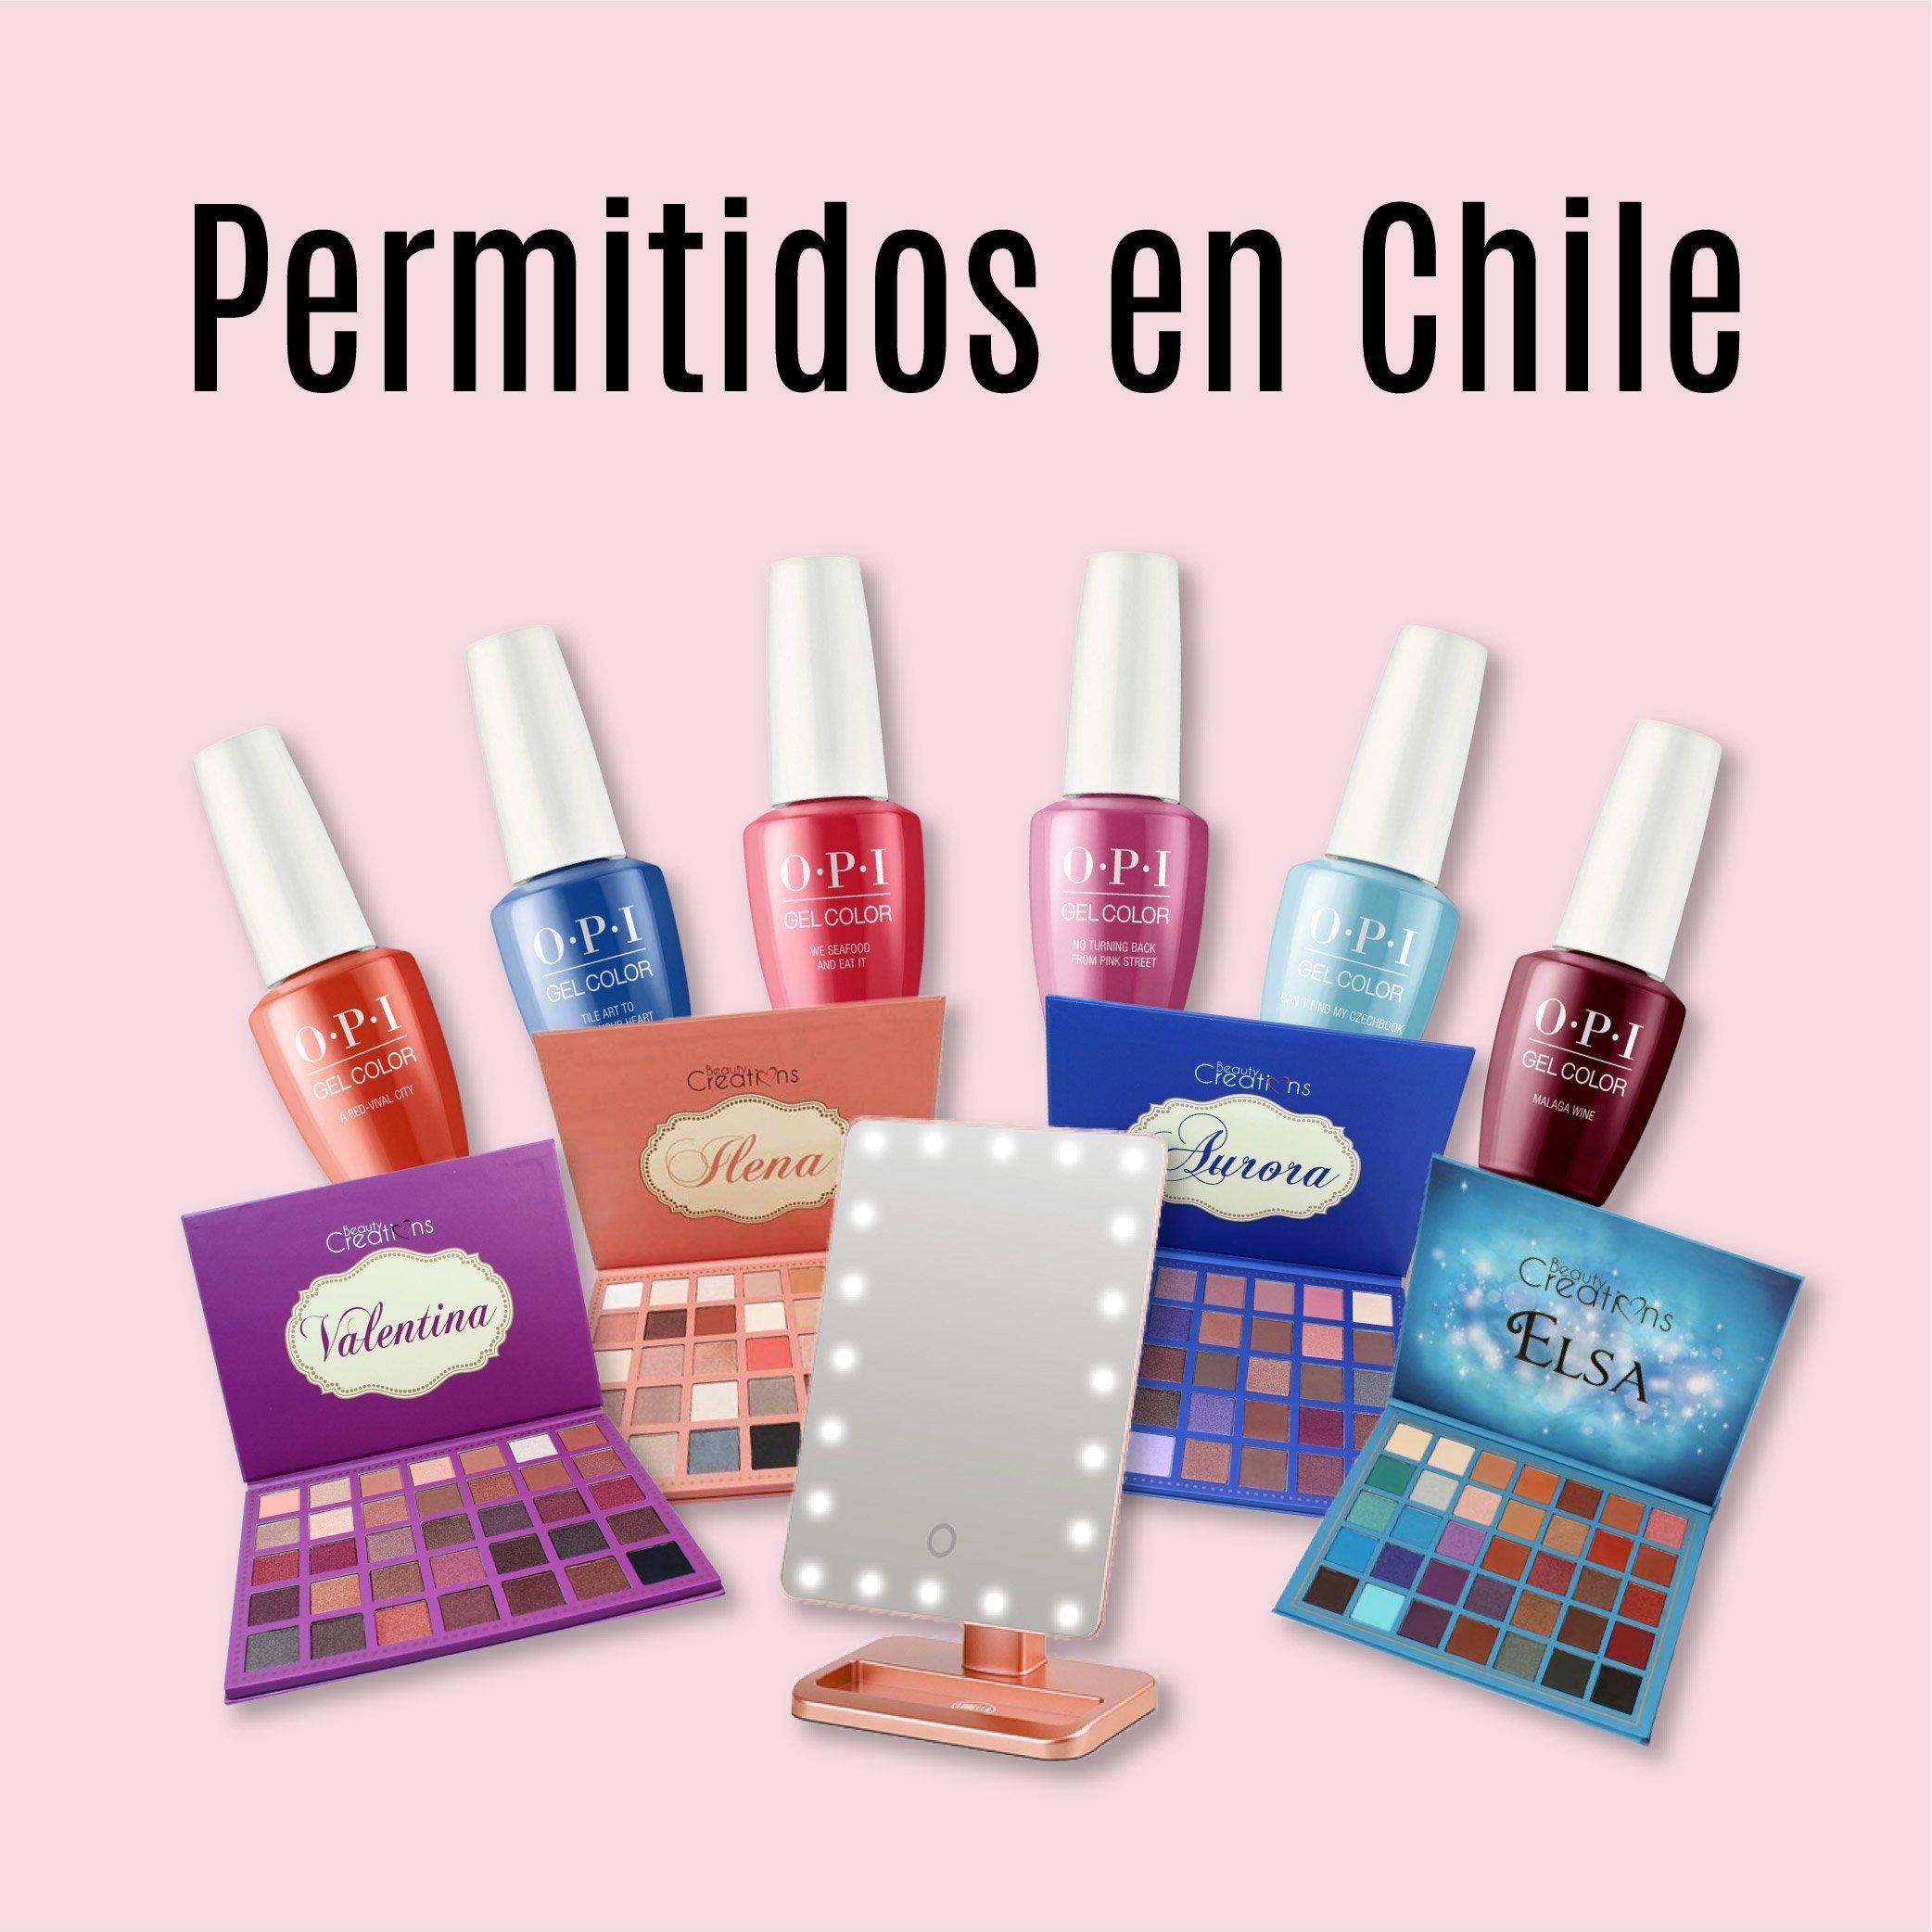 Una colección de productos para uñas OPI y paletas de maquillaje Beauty Creations con el texto Importable to Chile en la parte superior